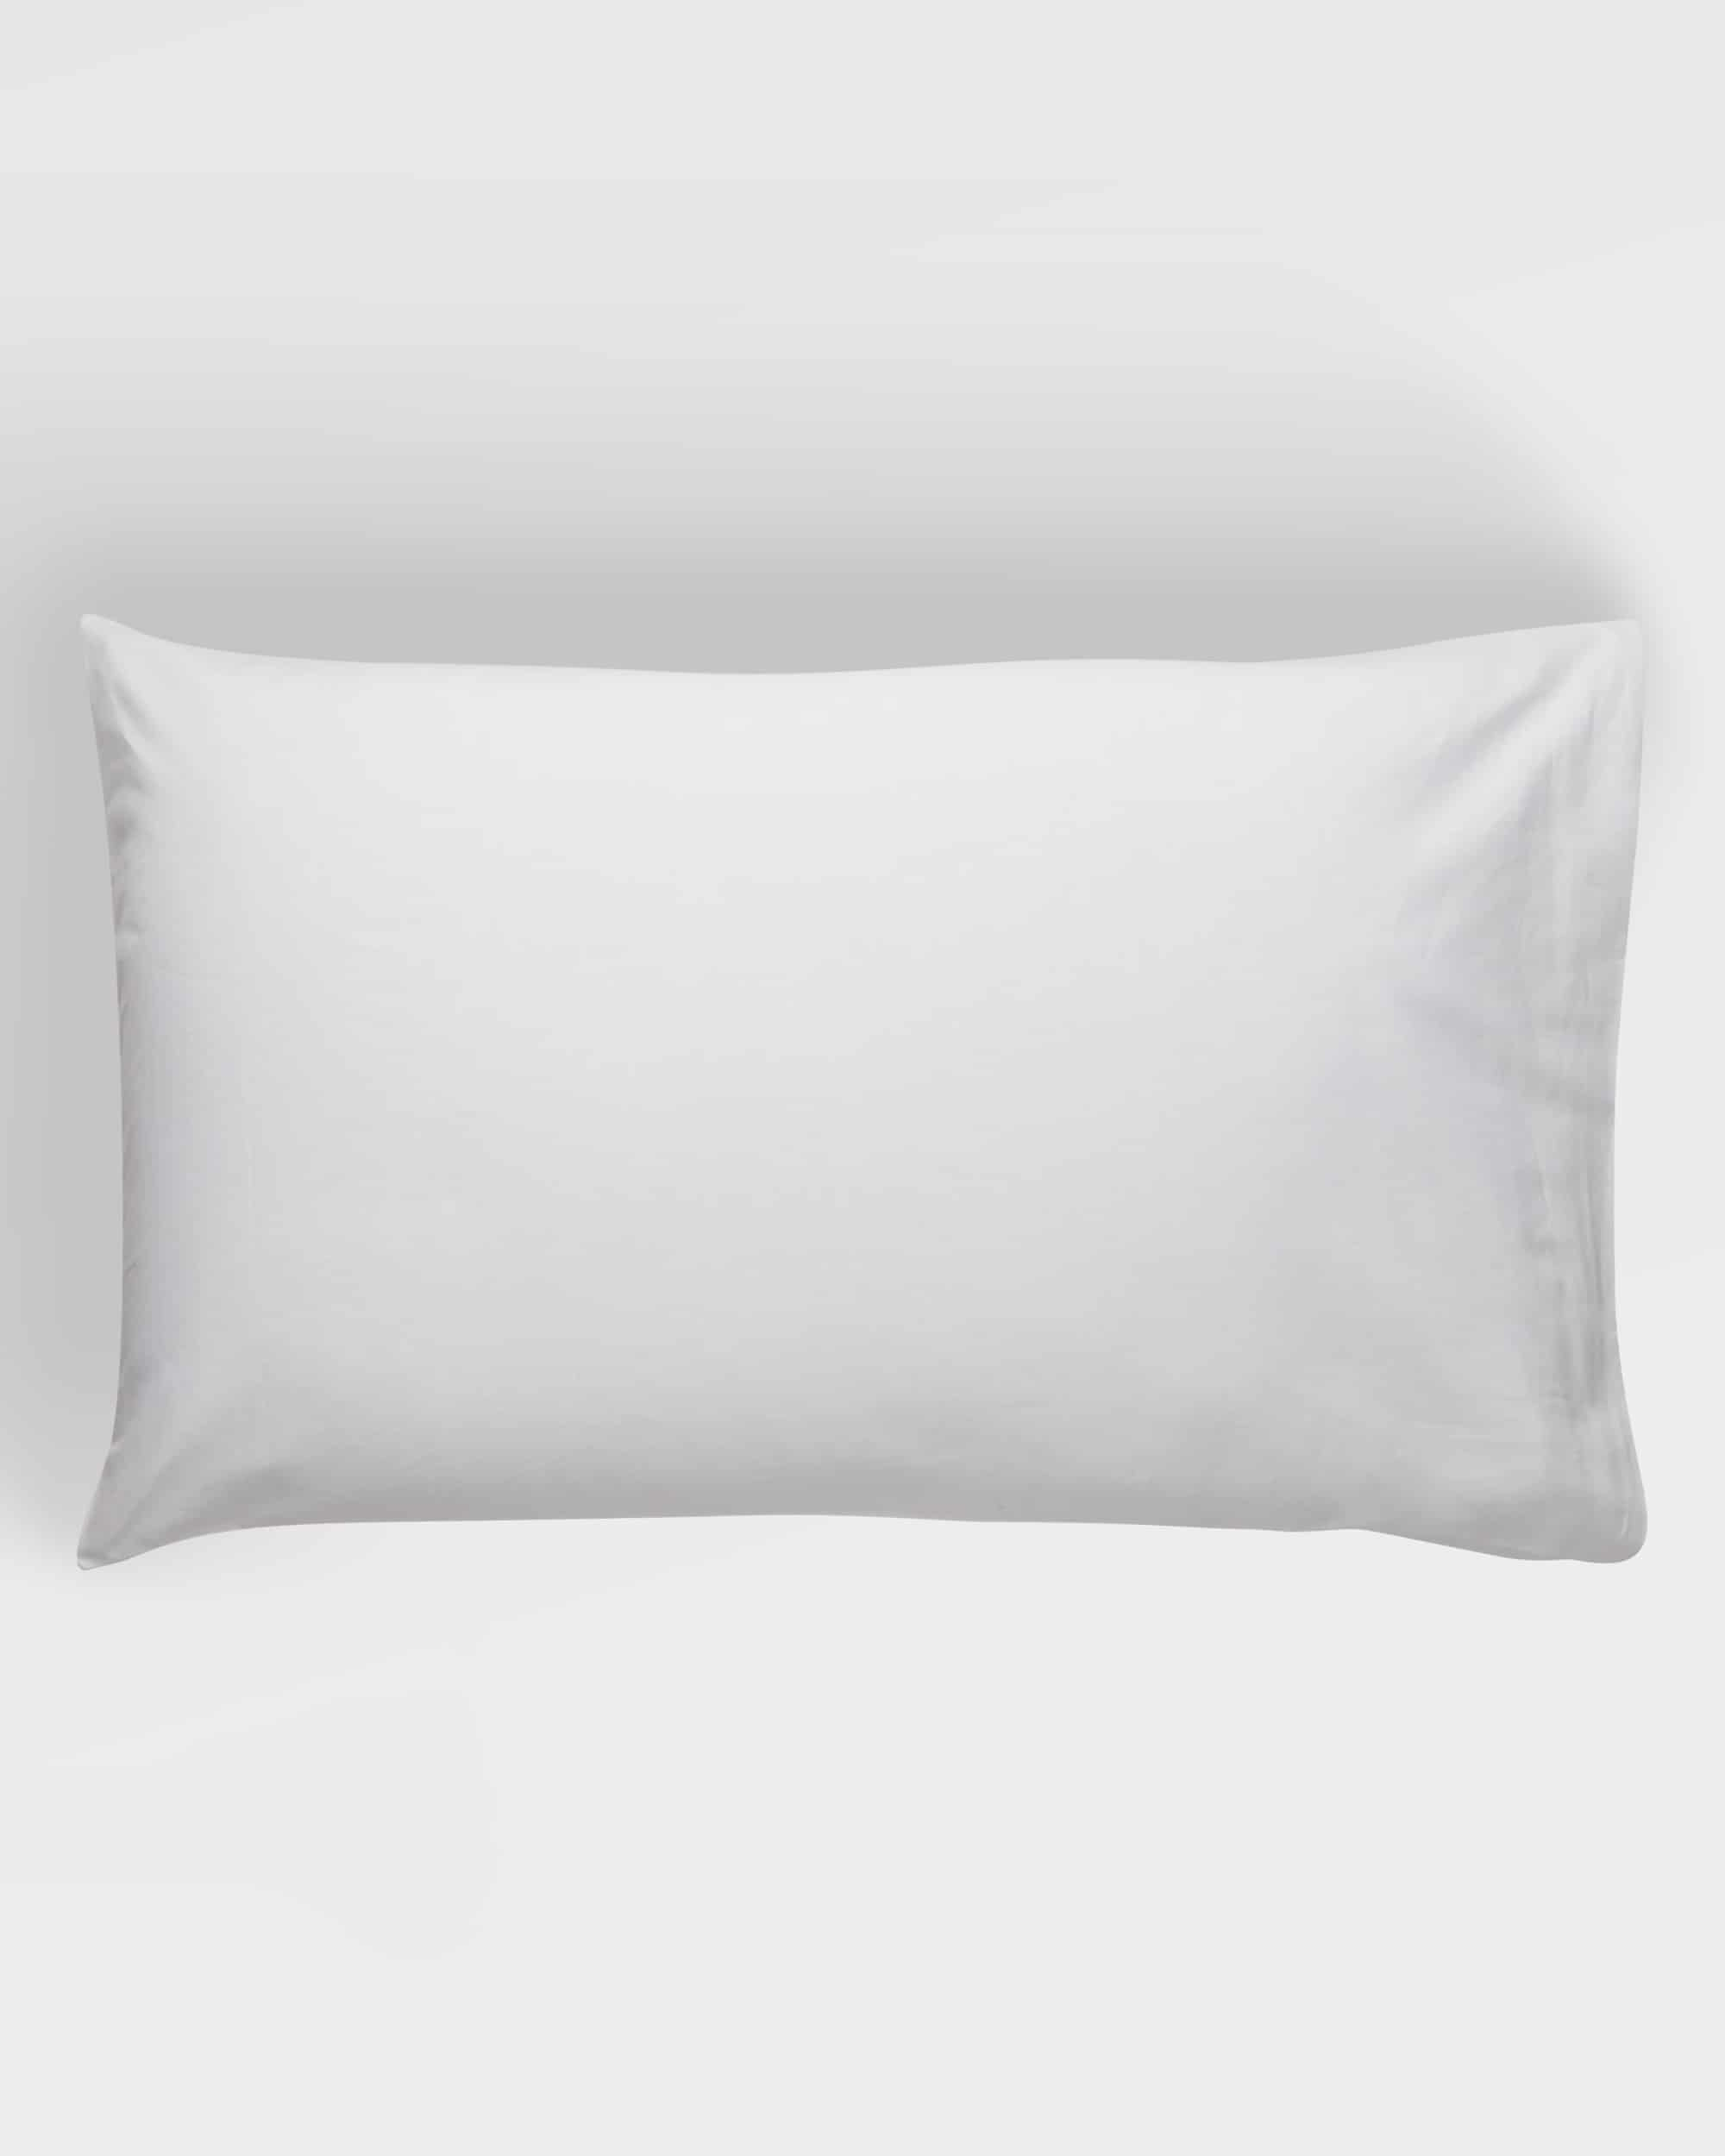 Small Contour Pillow Case